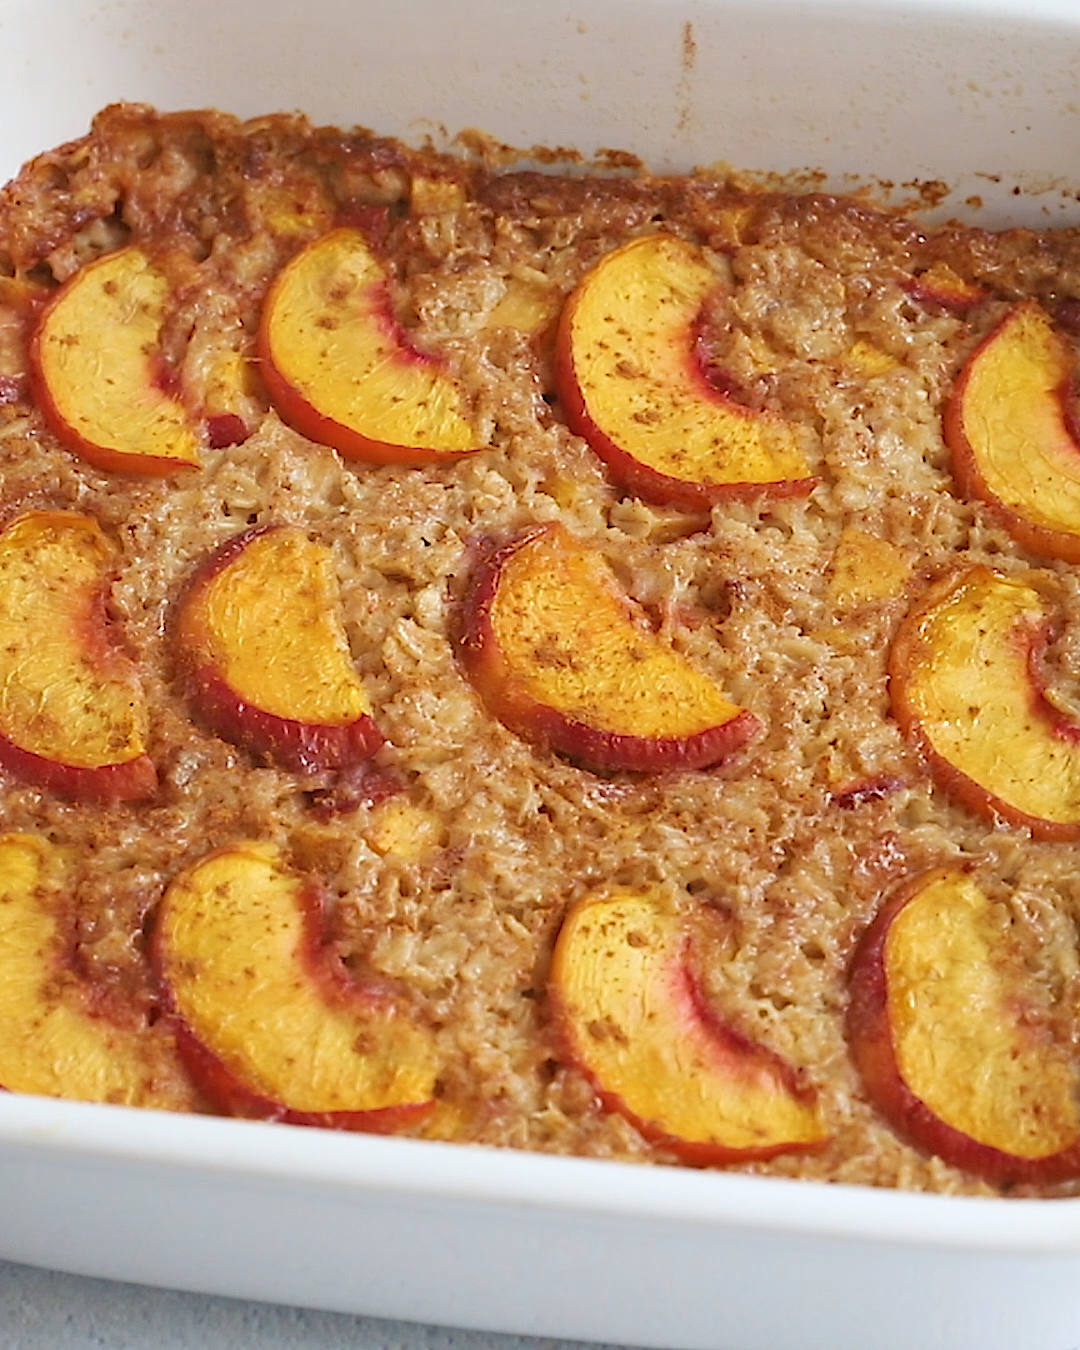 Peach Baked Oatmeal #healthyfood